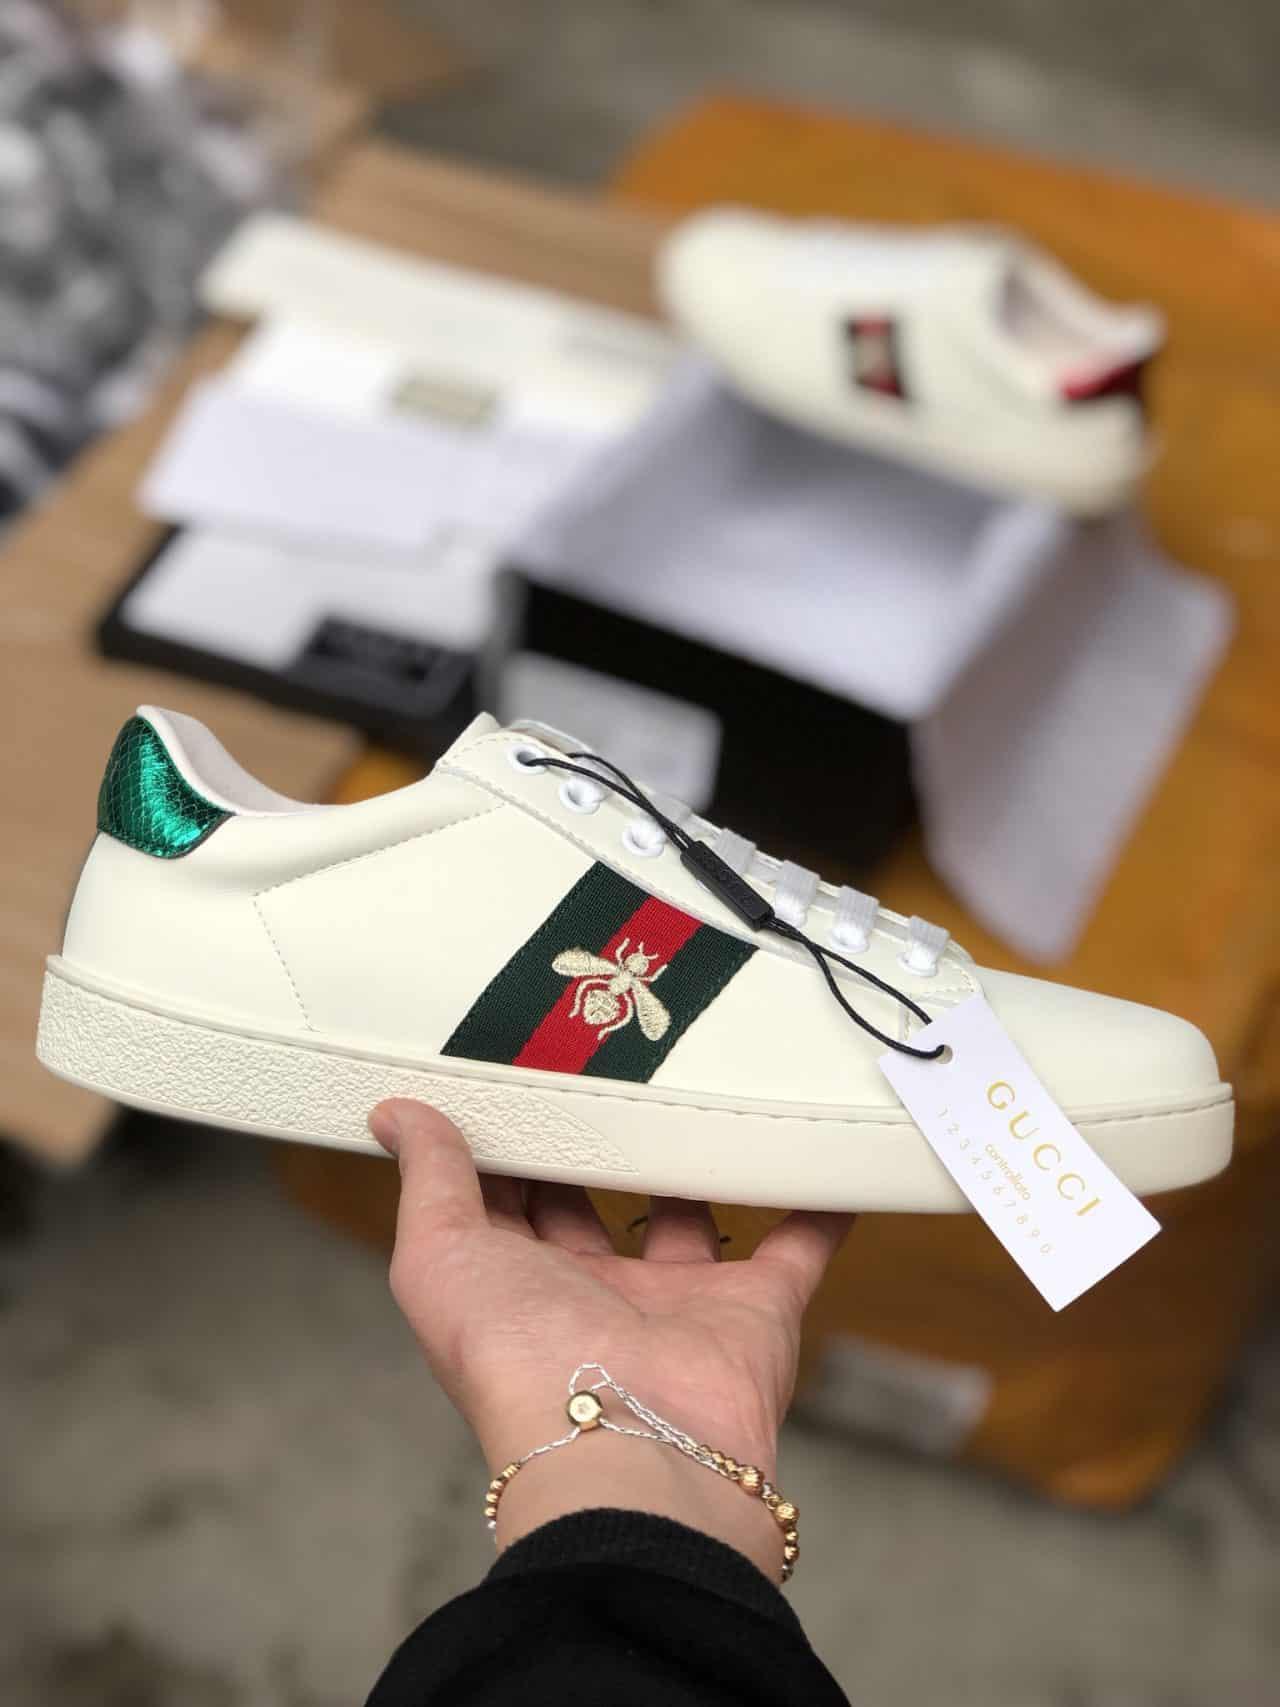 Sneaker thêu Gucci Ace Embroidered nhận được sự quan tâm của nhiều người